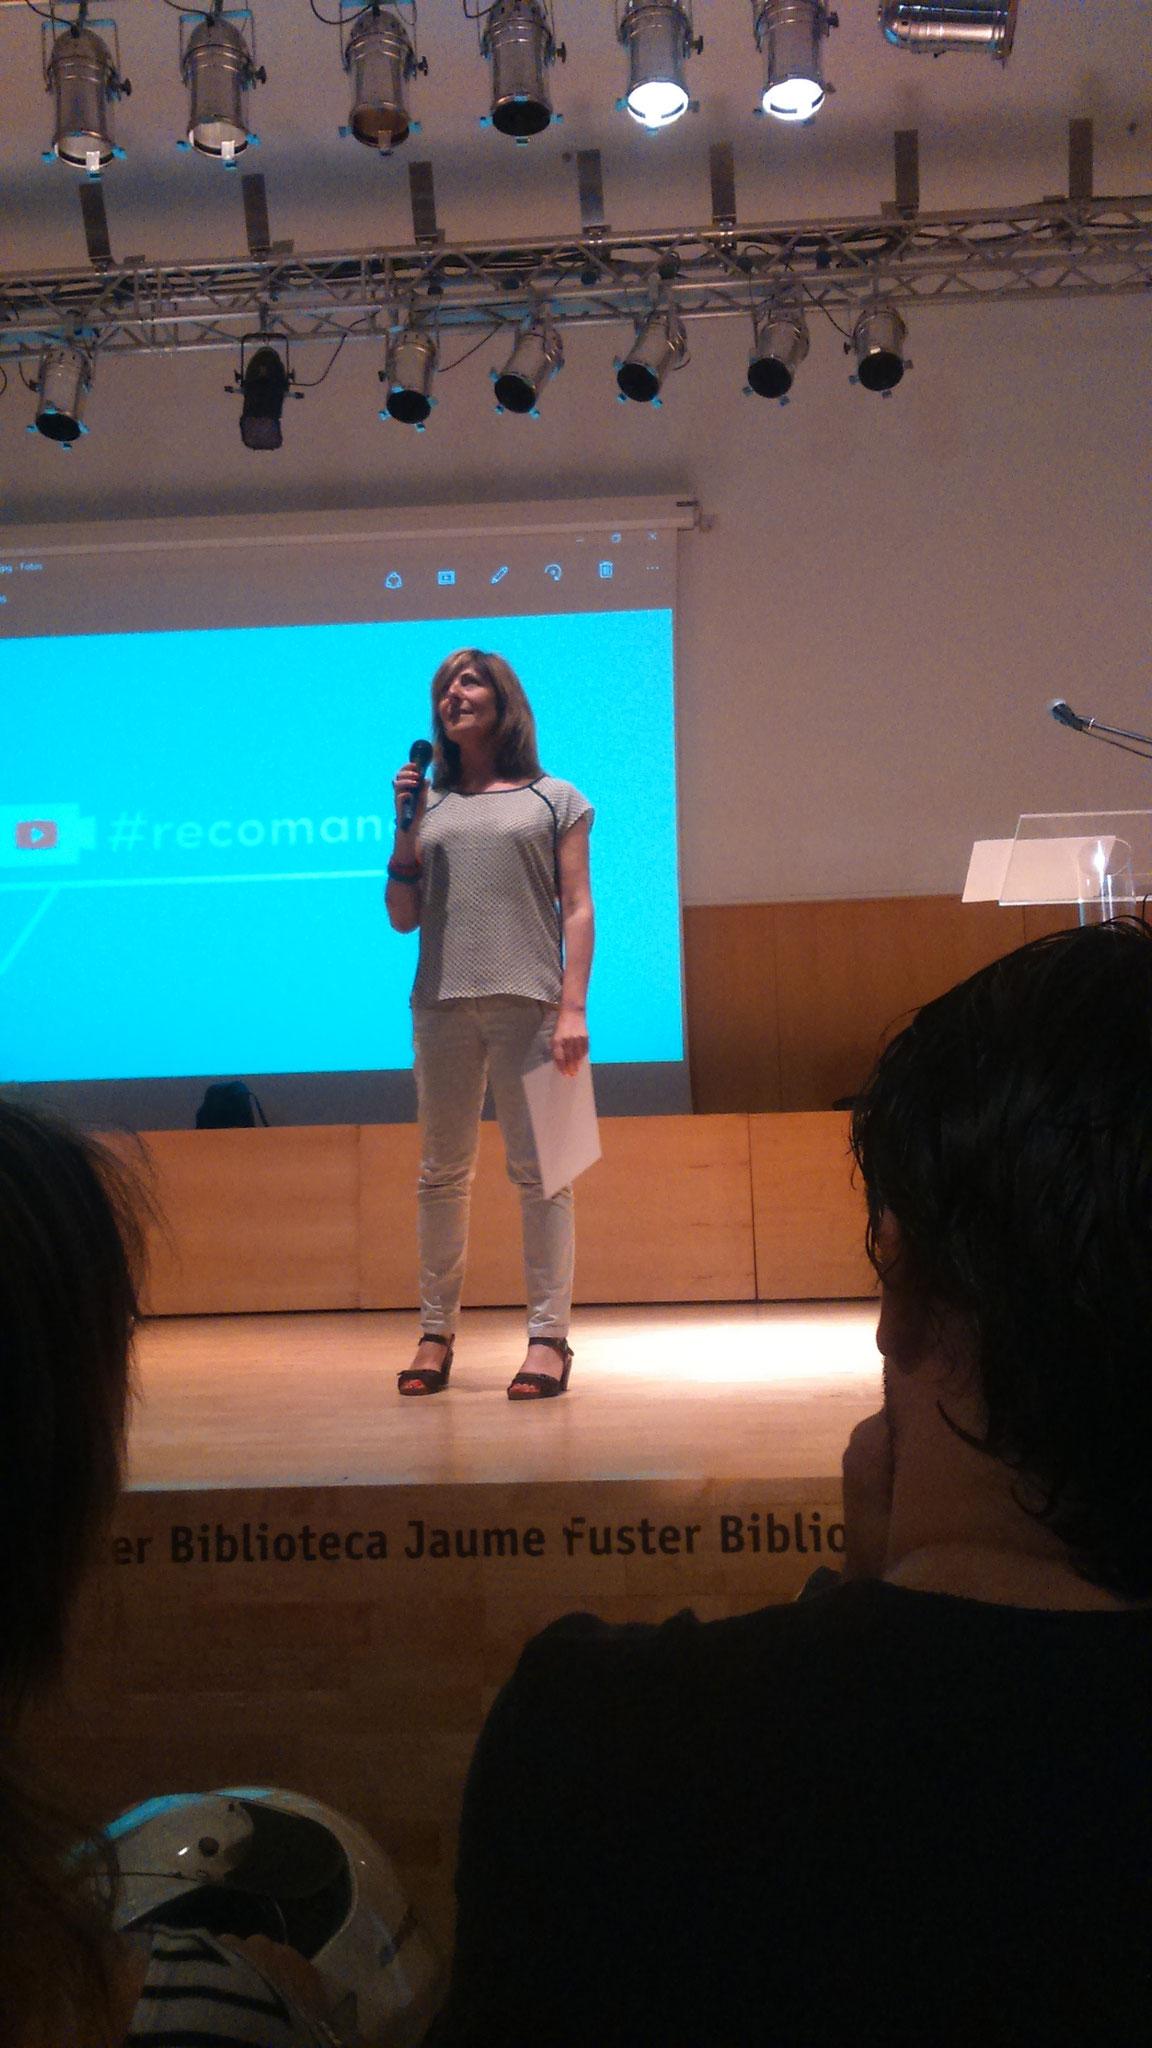 Anna Bröll, membre del jurat #Recomanollegir